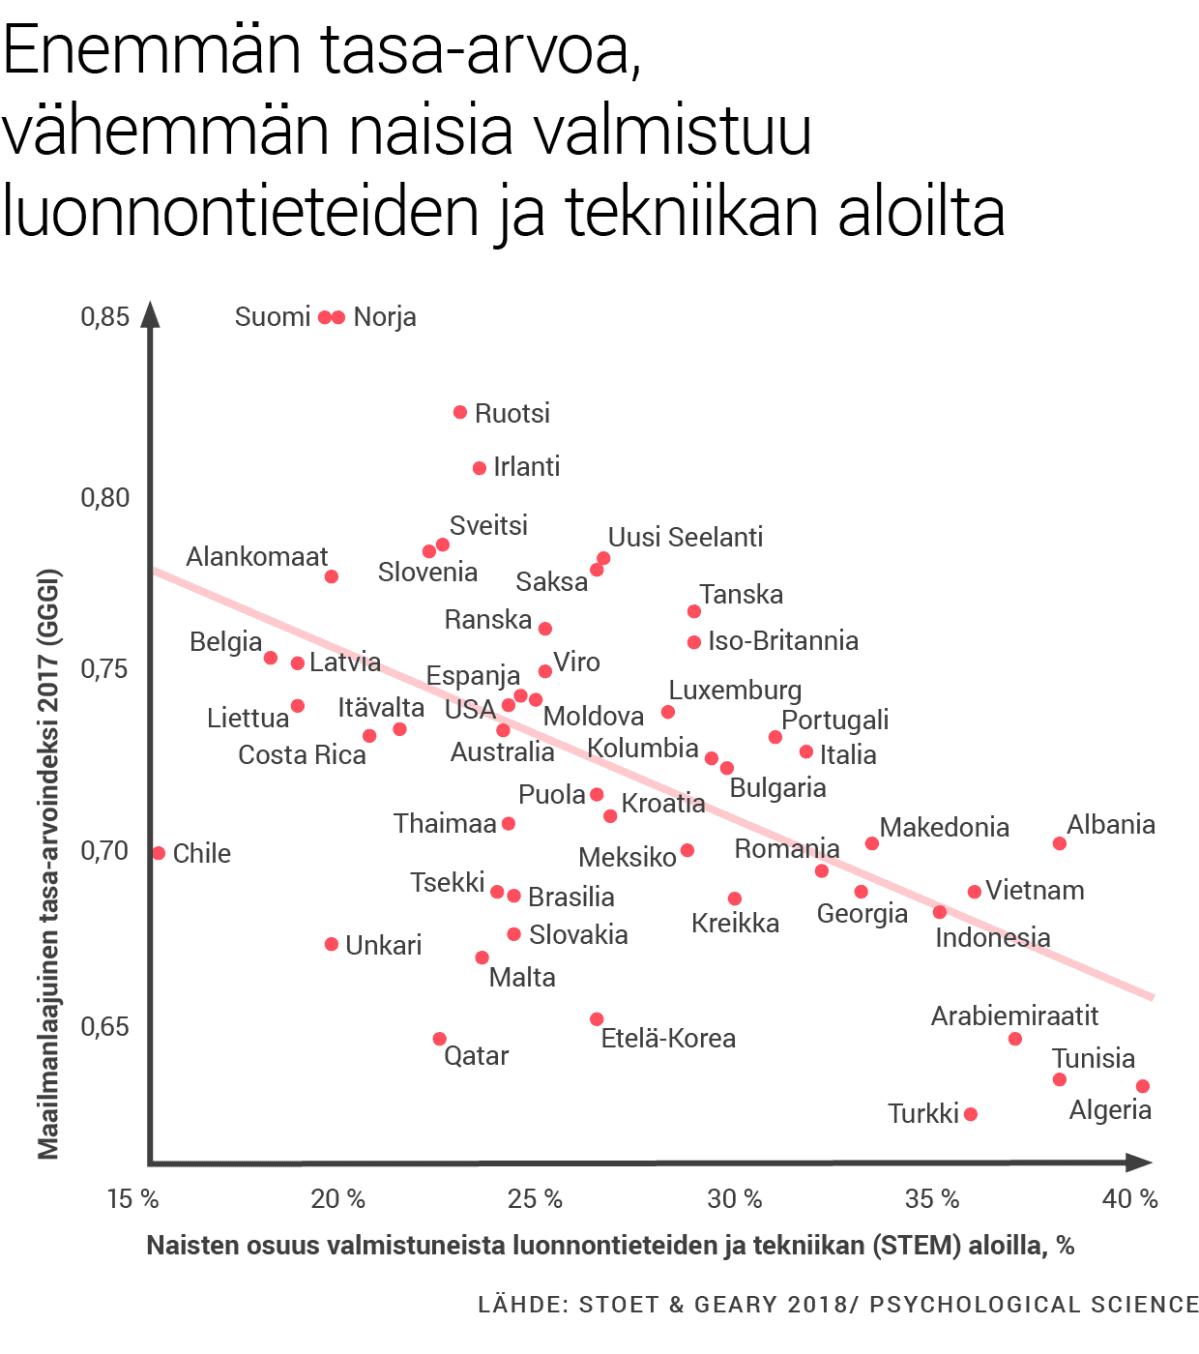 Enemmän tasa-arvoa, vähemmän naisia valmistuu luonnontieteiden ja tekniikan aloilta.